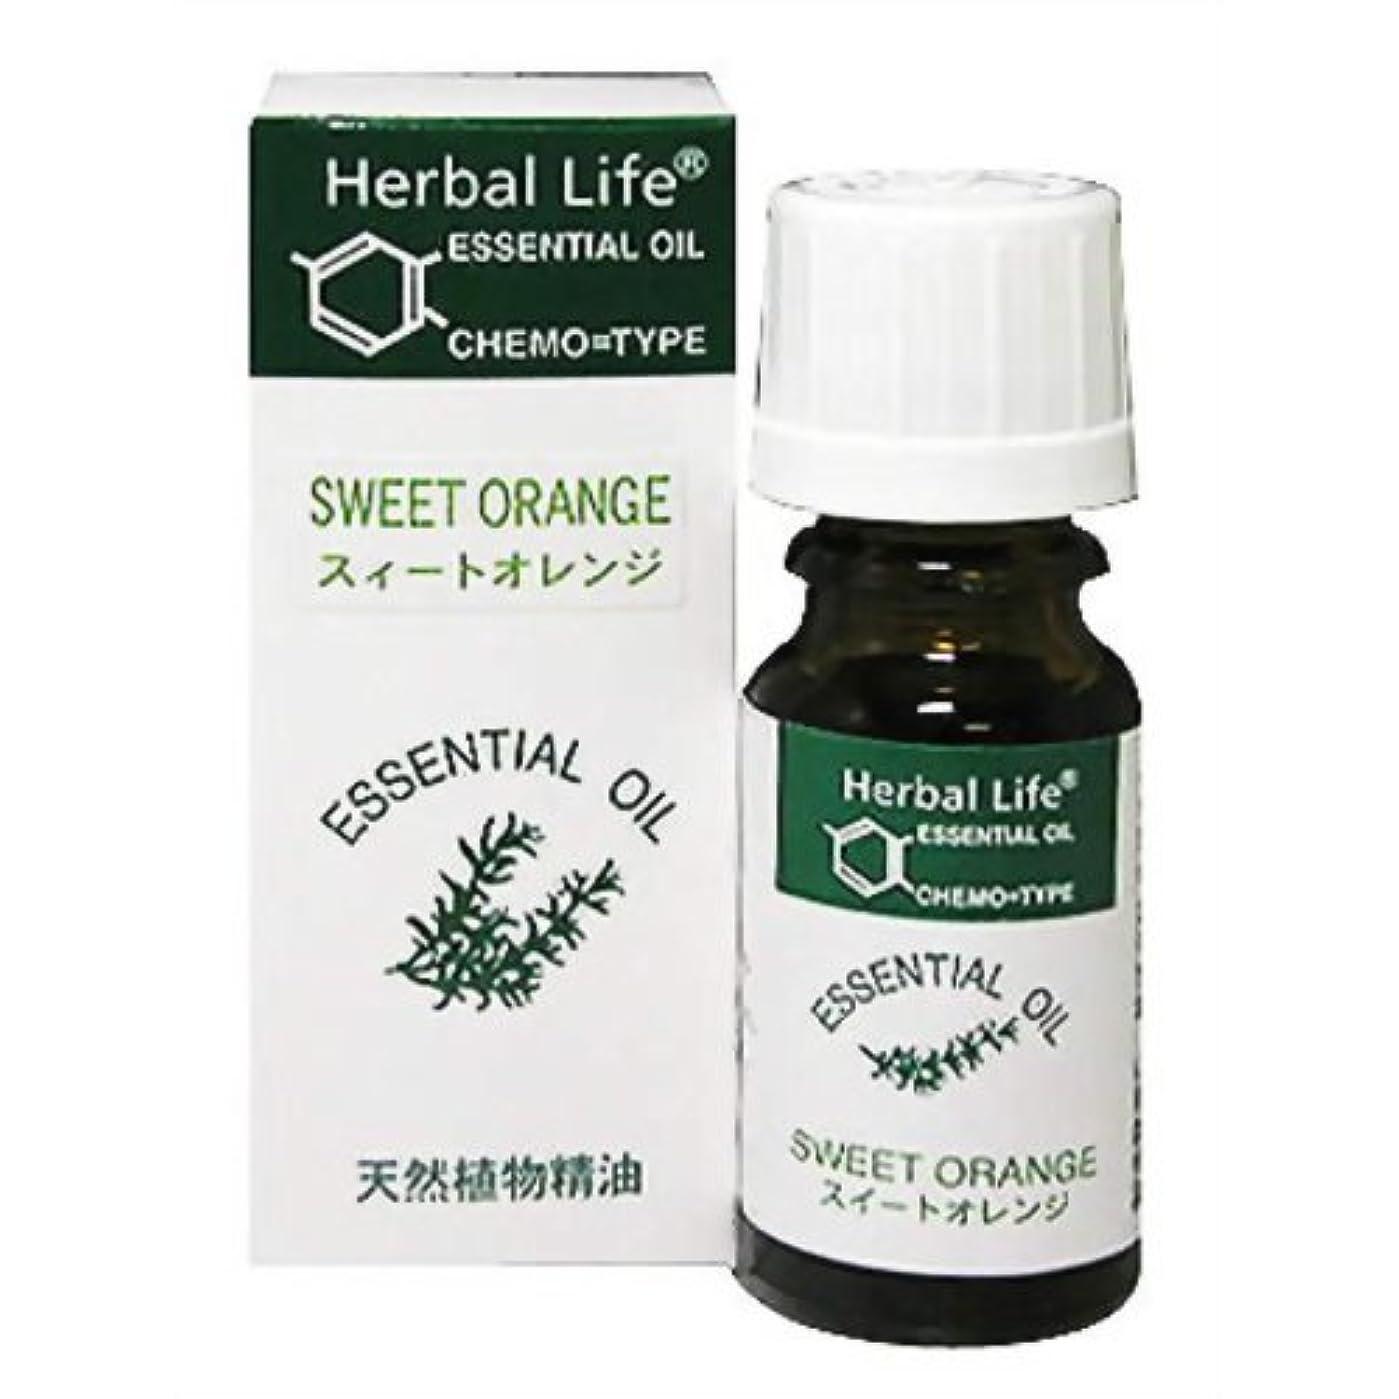 スポーツマンリムぐるぐる生活の木 Herbal Life スィートオレンジ 10ml